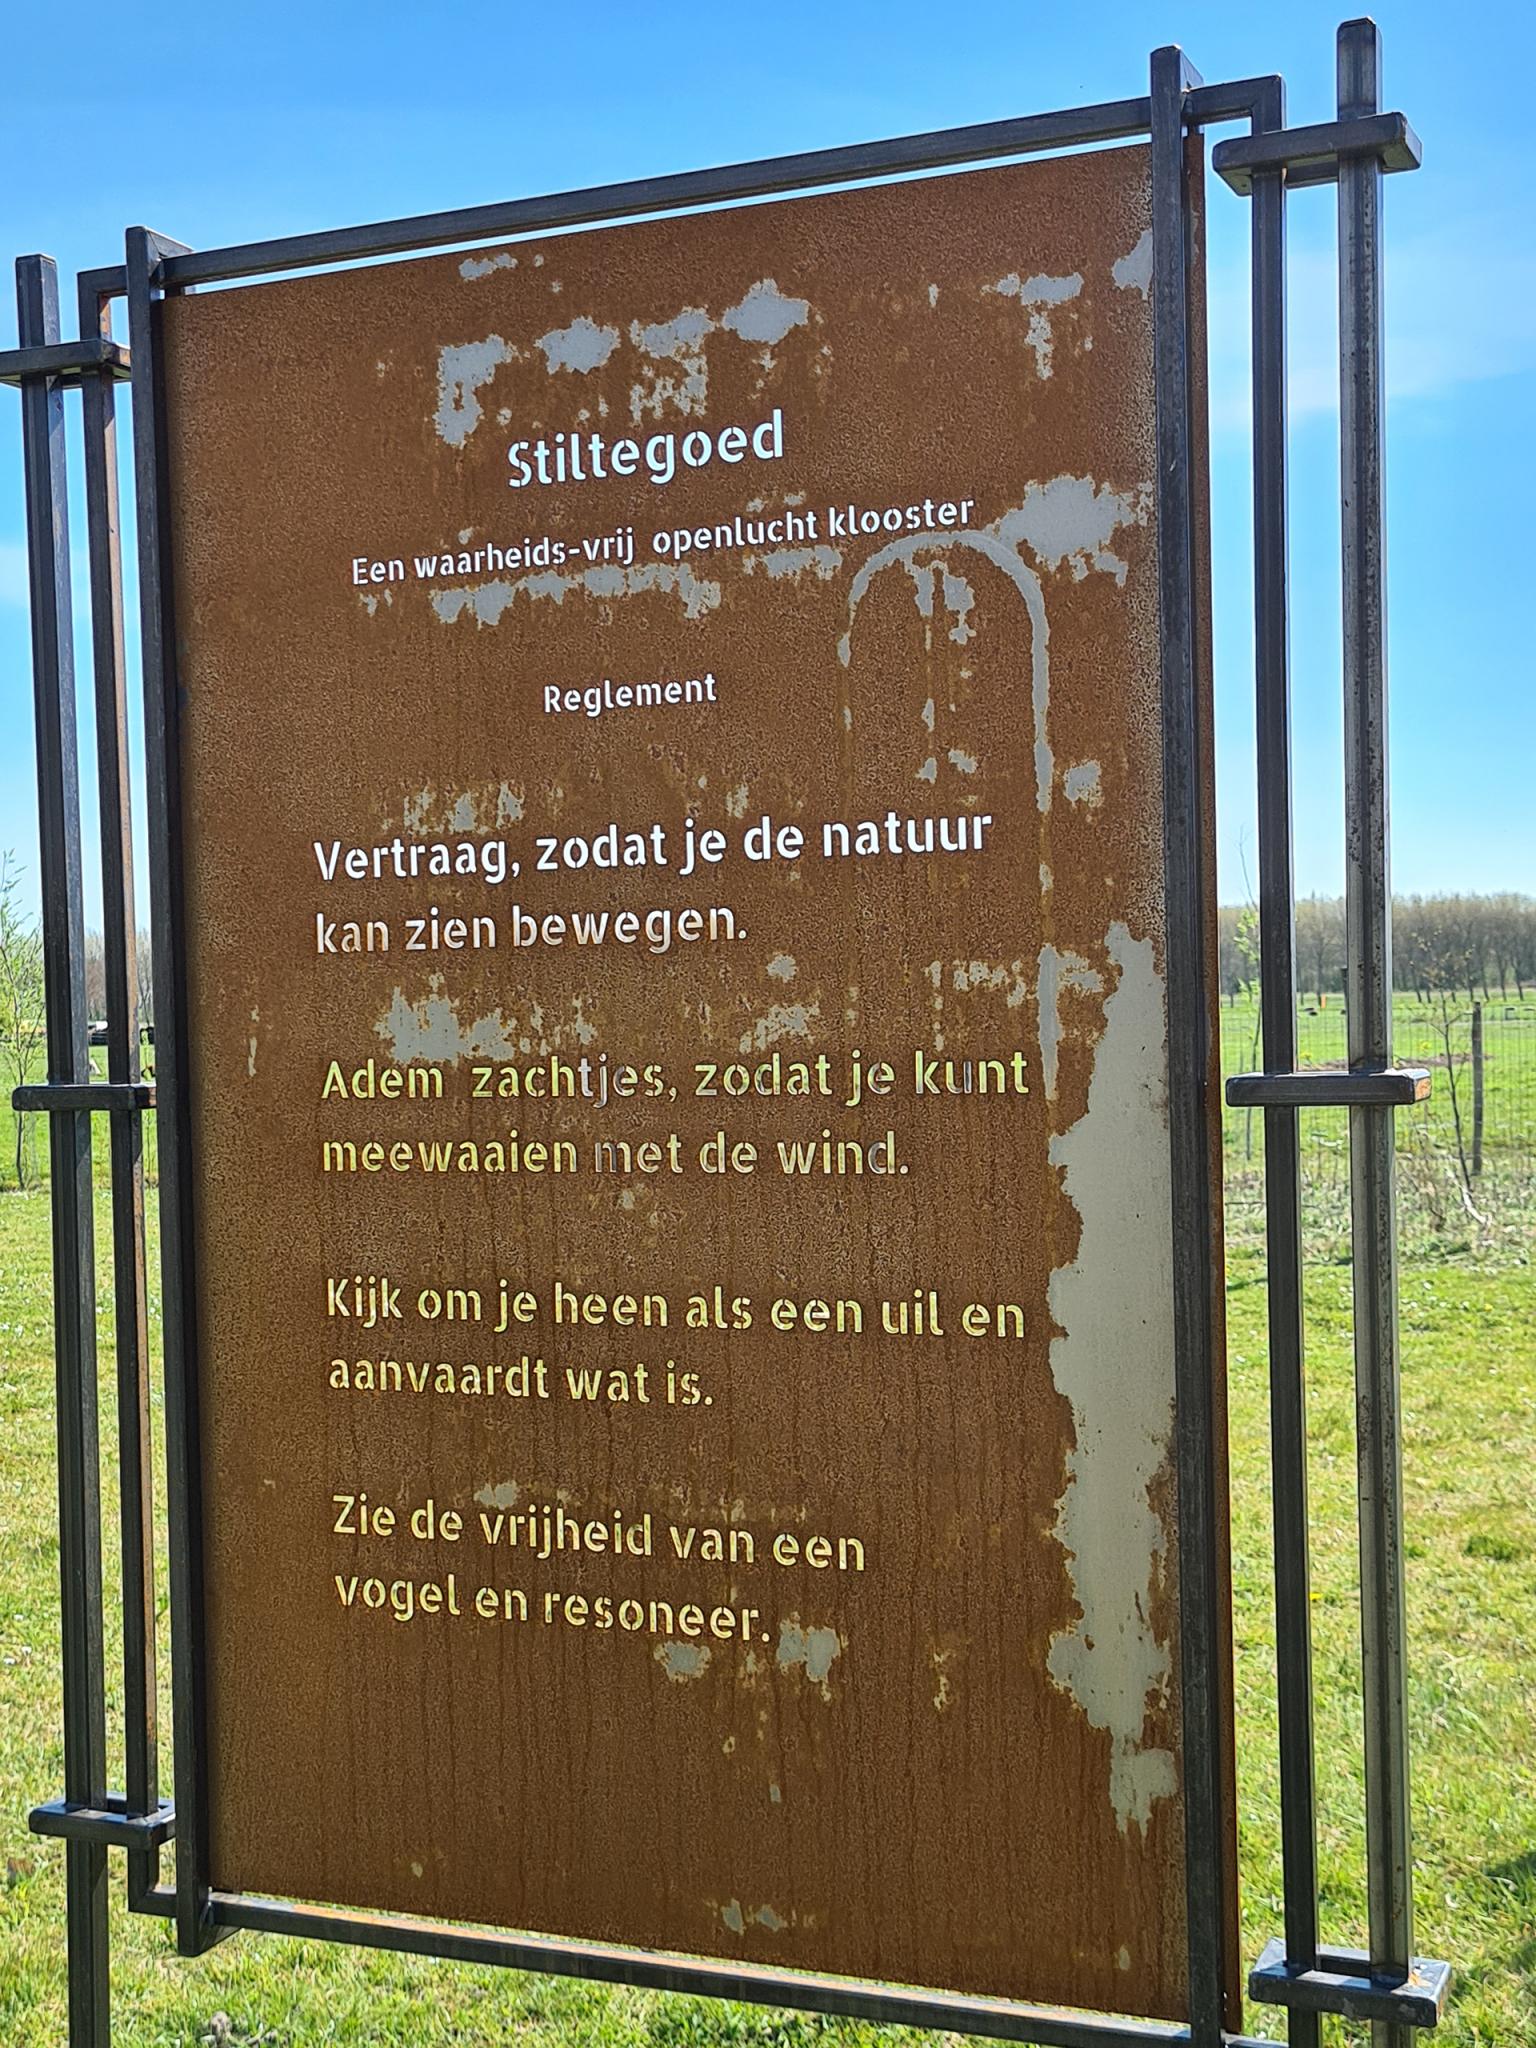 Stiltegoed_Huisregelement